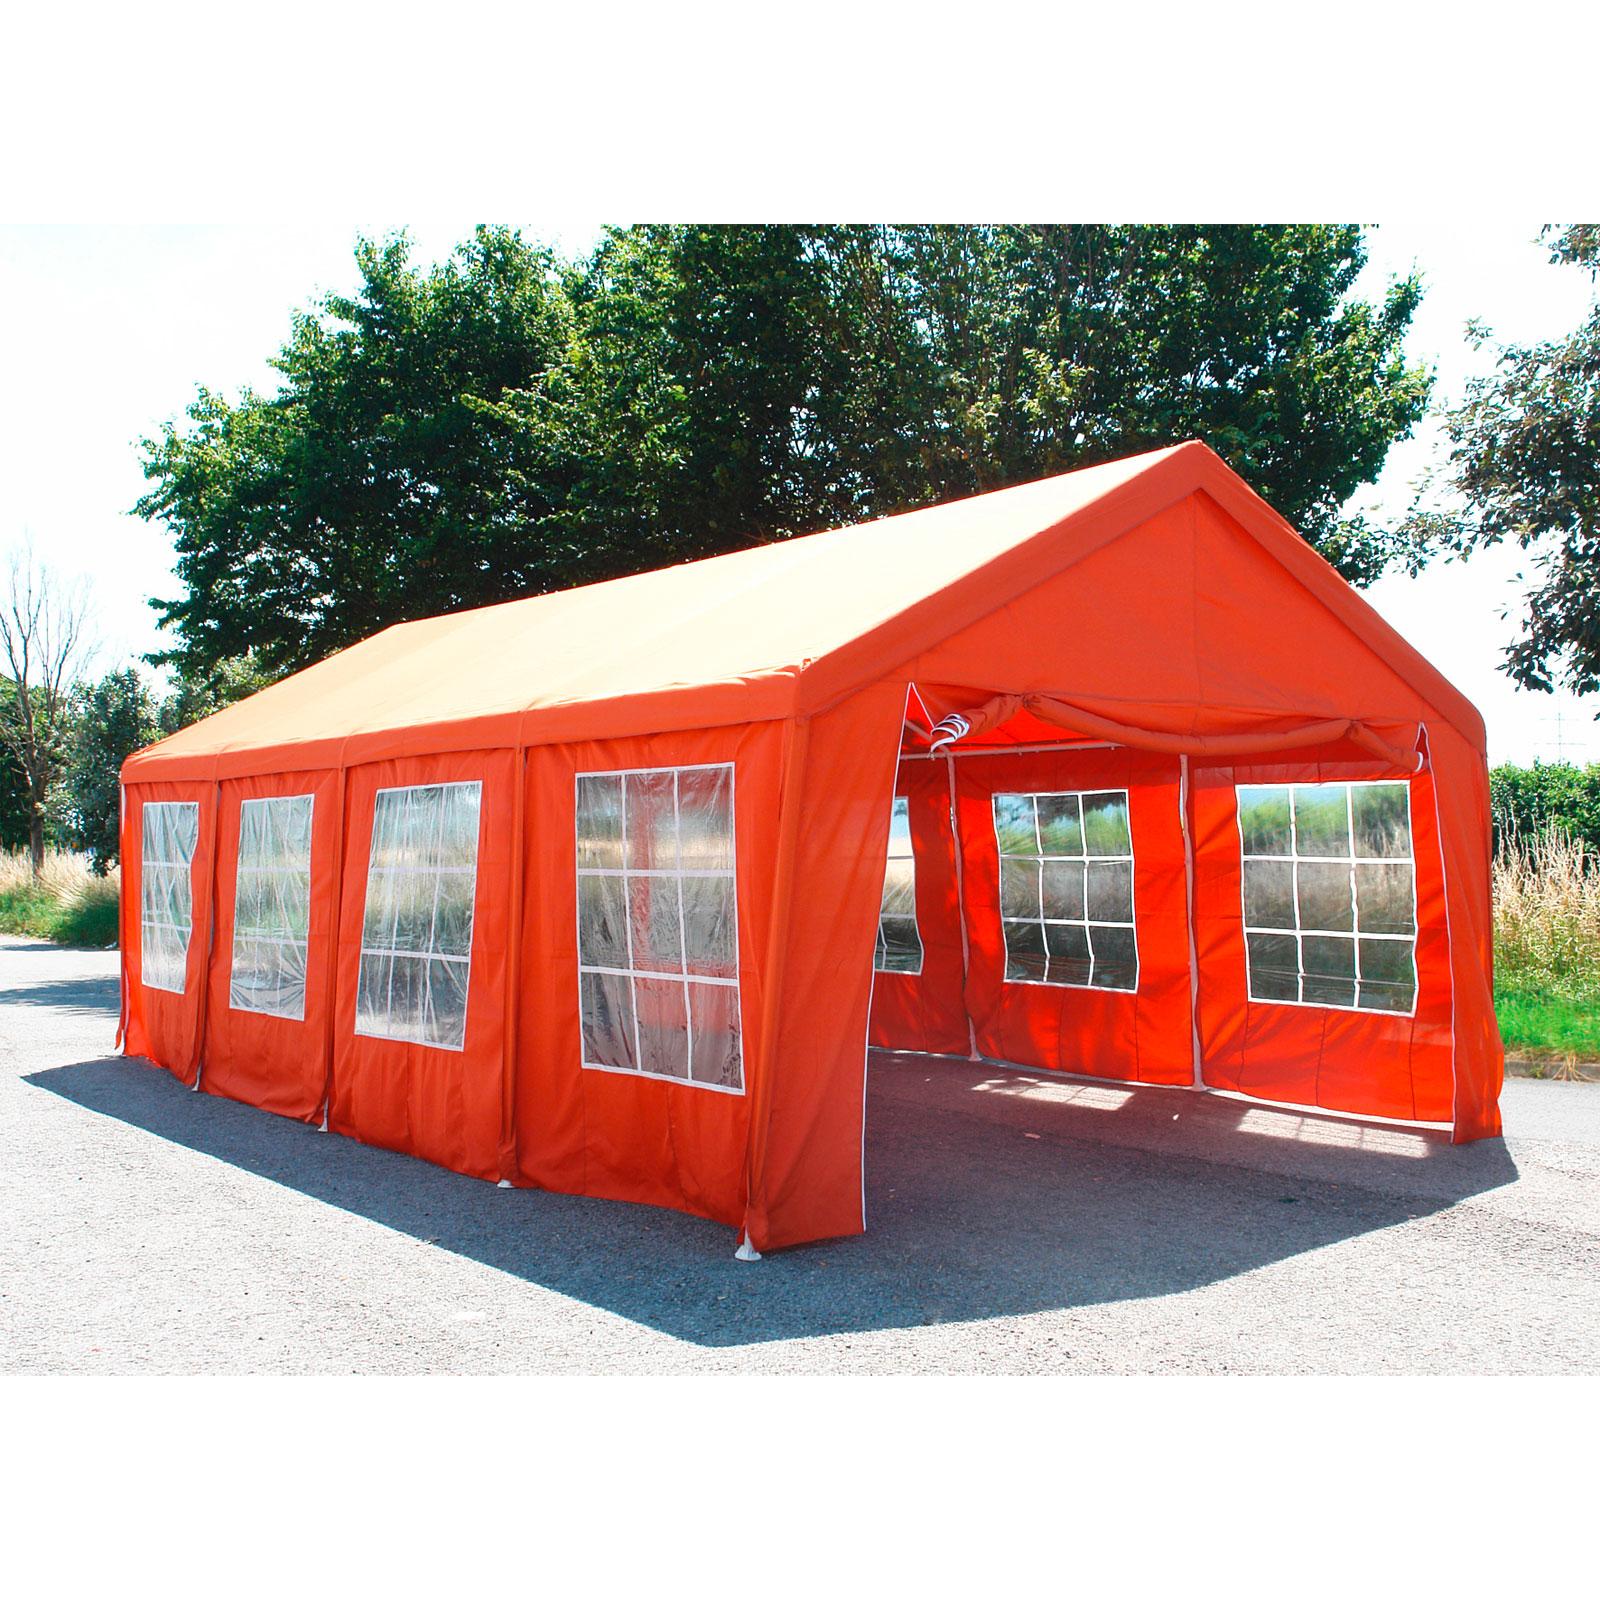 917489 partyzelt 4x8m terracotta pavillion zelt festzelt ebay. Black Bedroom Furniture Sets. Home Design Ideas